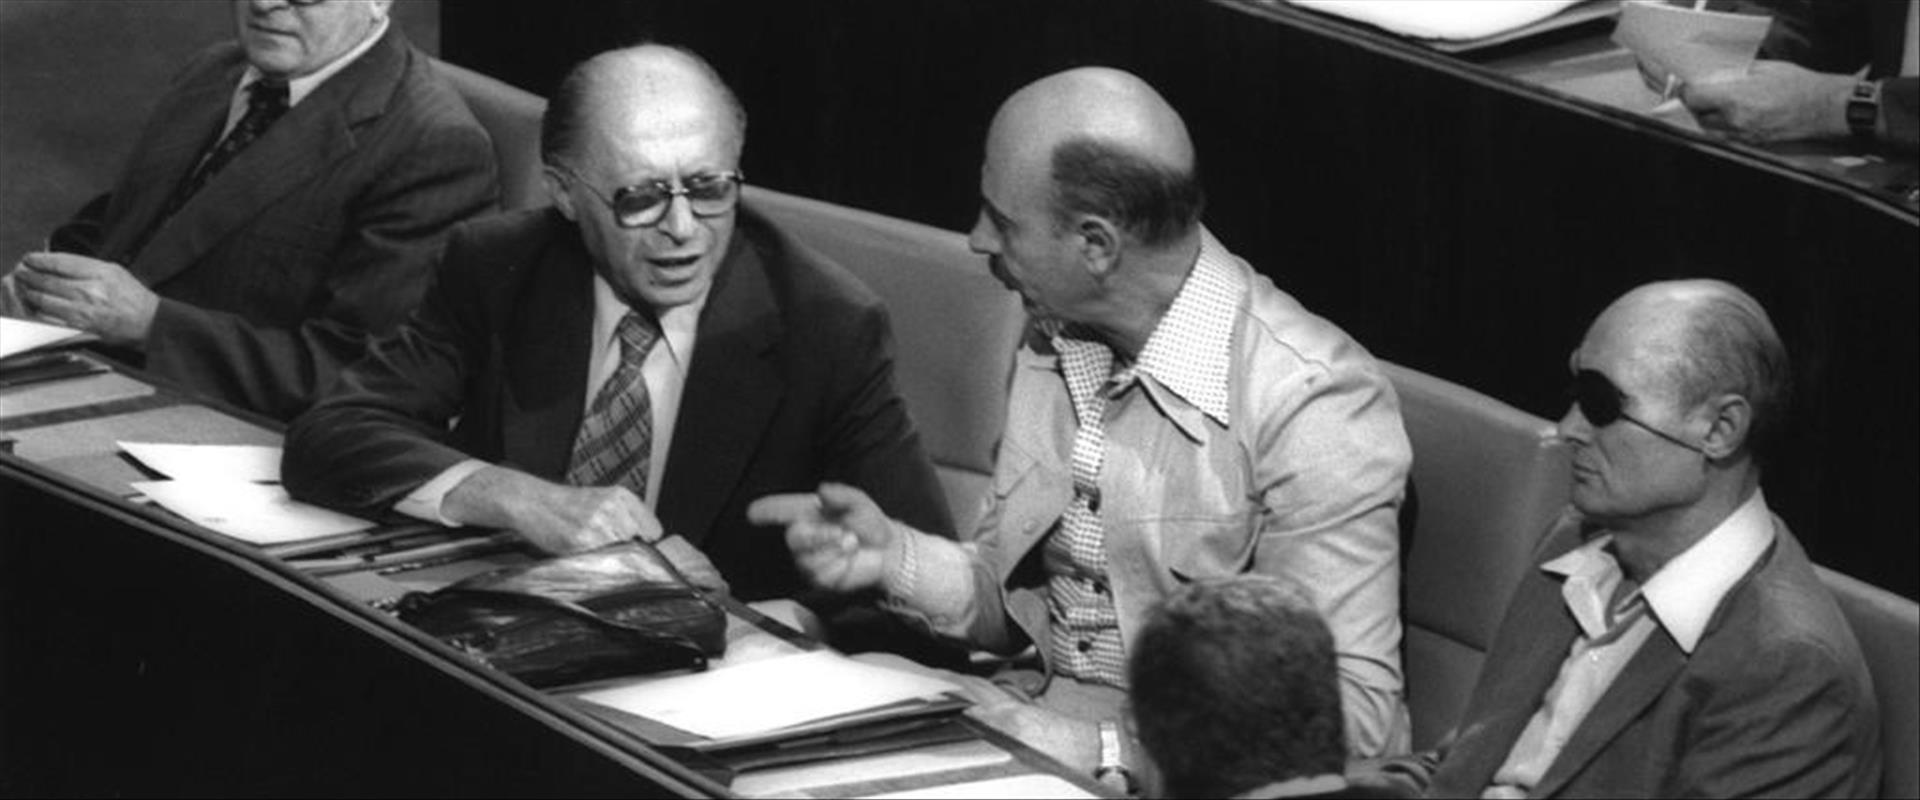 הדיון על הסכם השלום עם מצרים בכנסת, מארס 1979